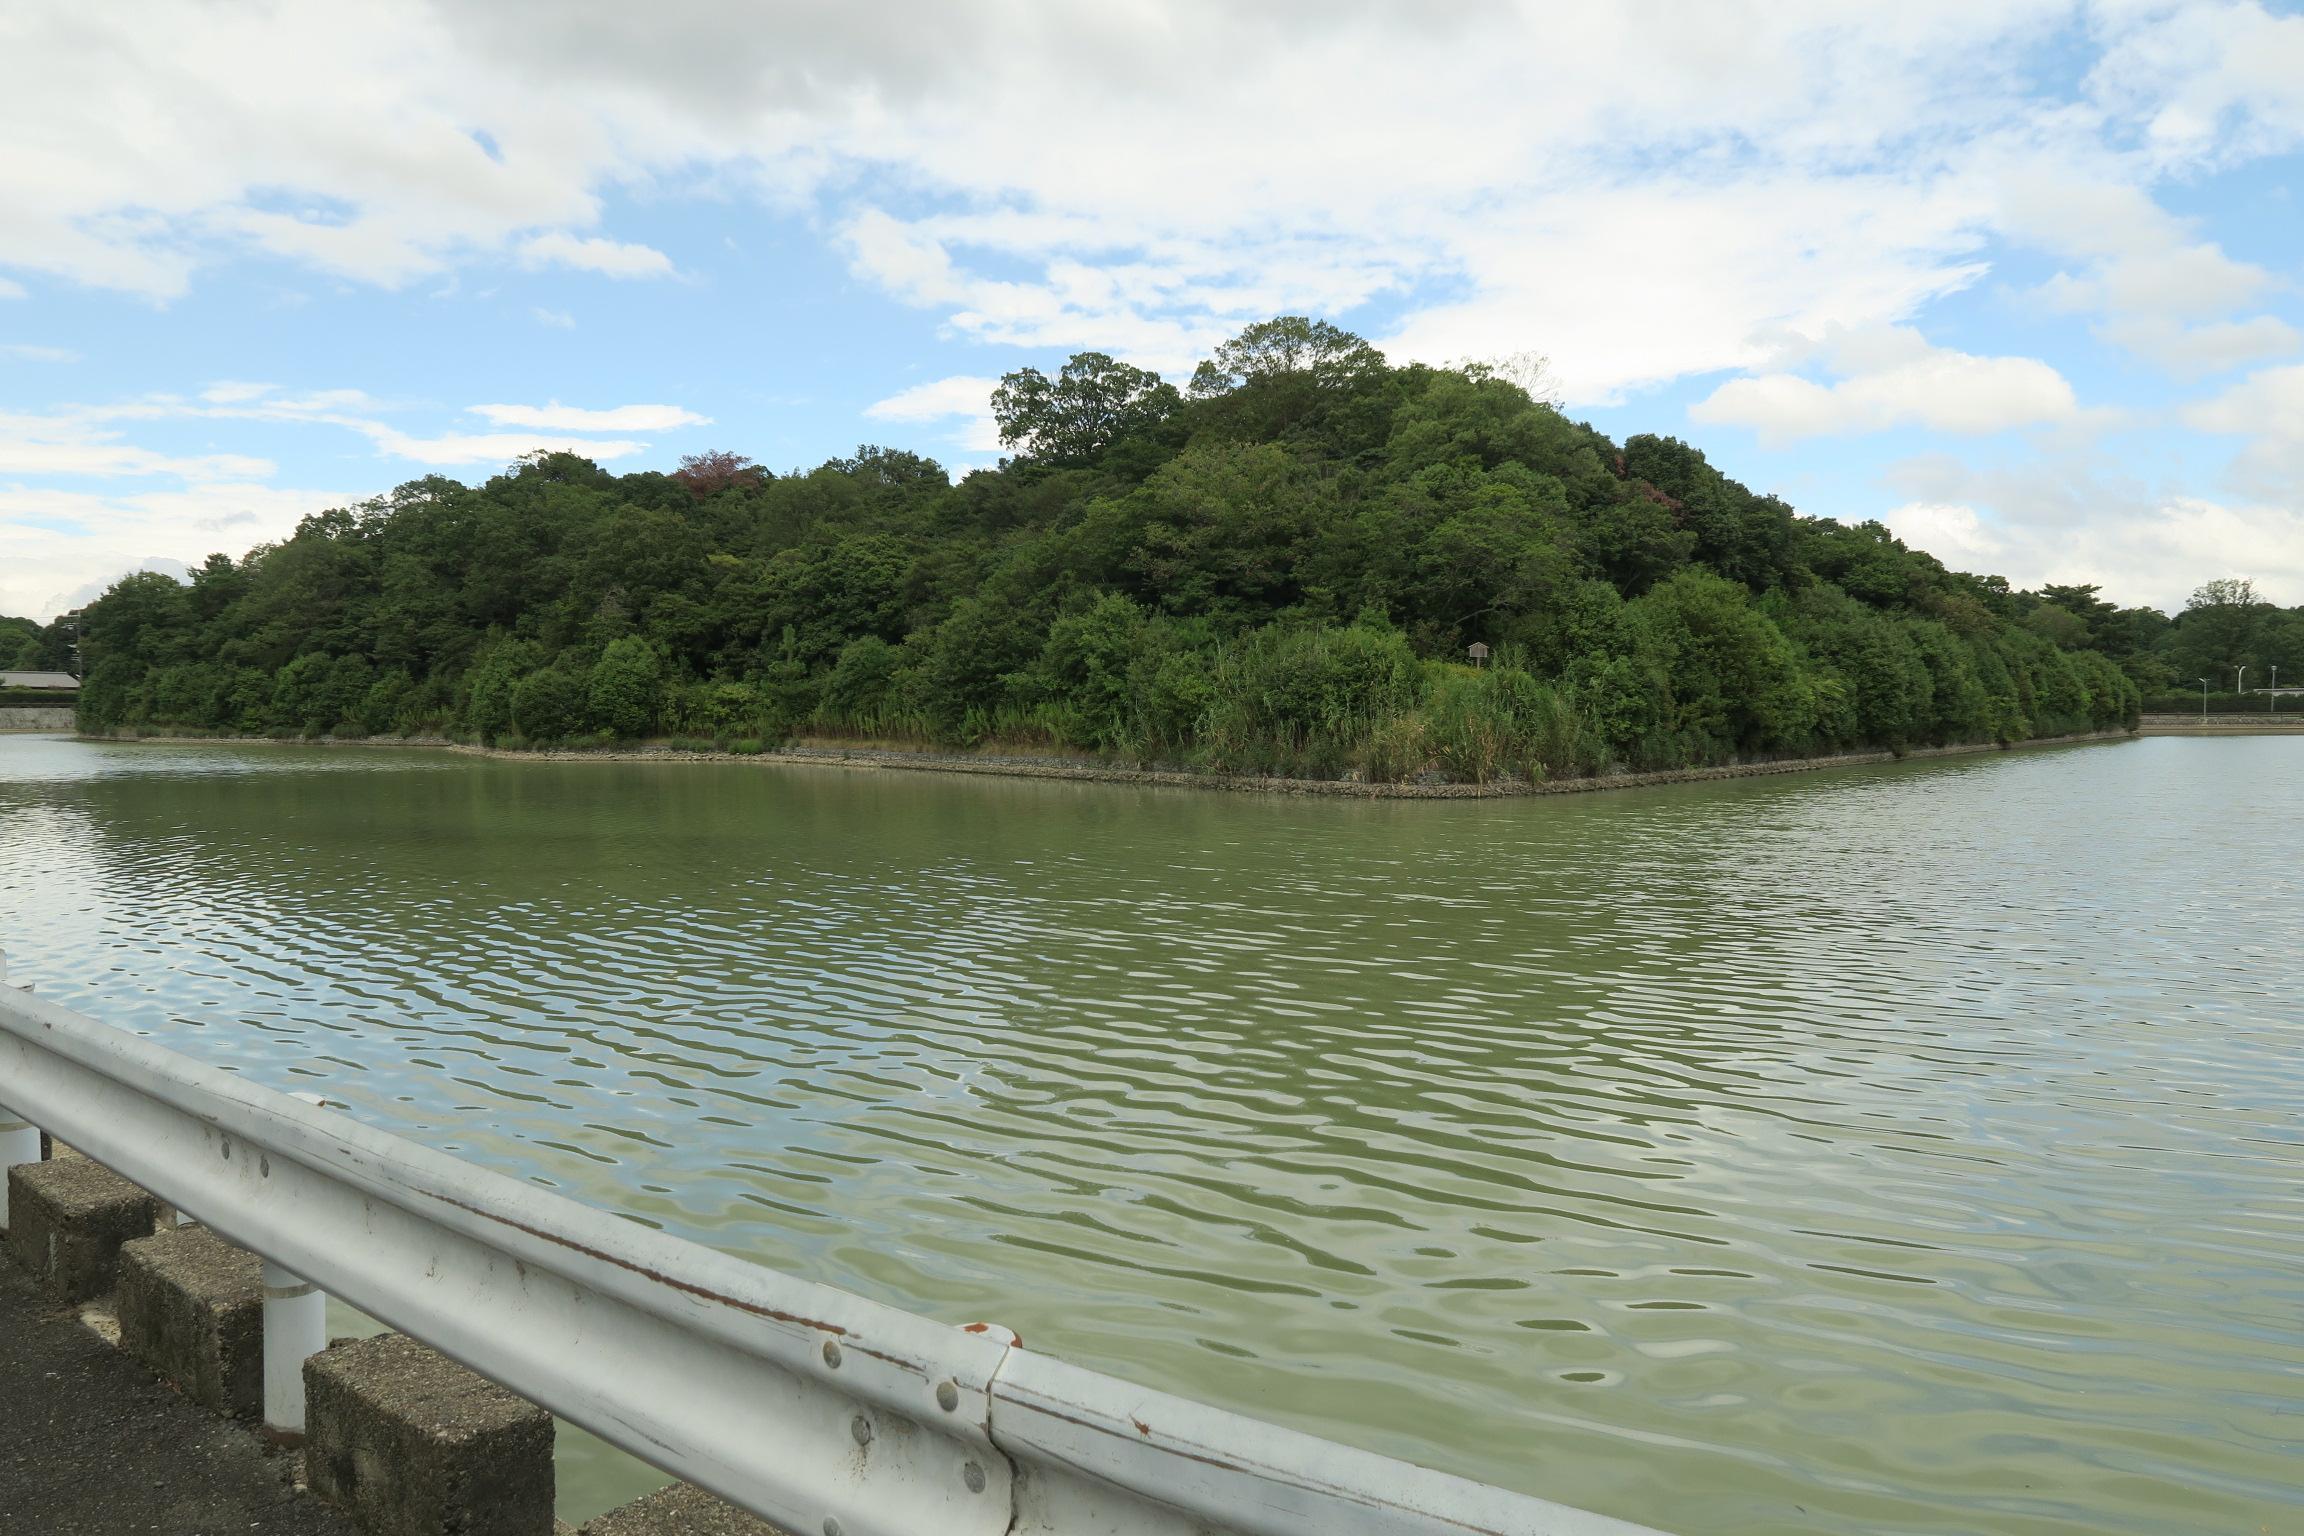 コナベ古墳。墳丘の長さは204mもあり、全国でも31位の大型の前方後円墳です。